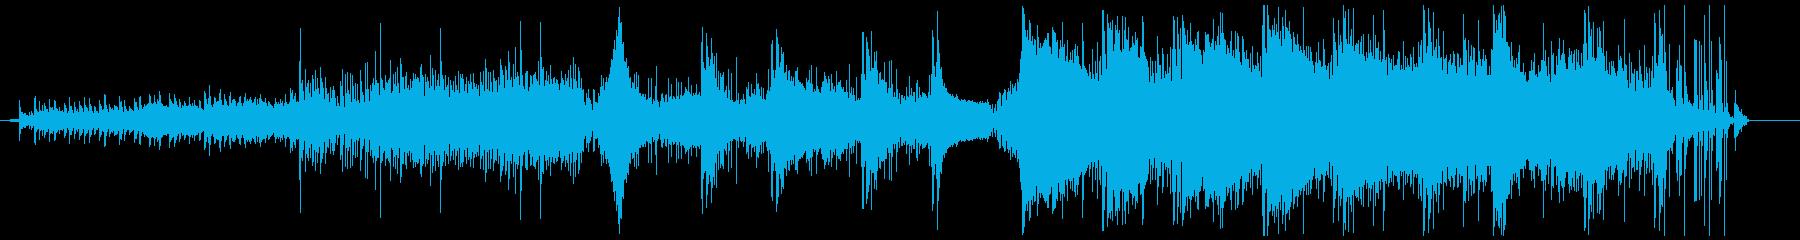 現代ミステリー風緊張感のあるアンビエントの再生済みの波形